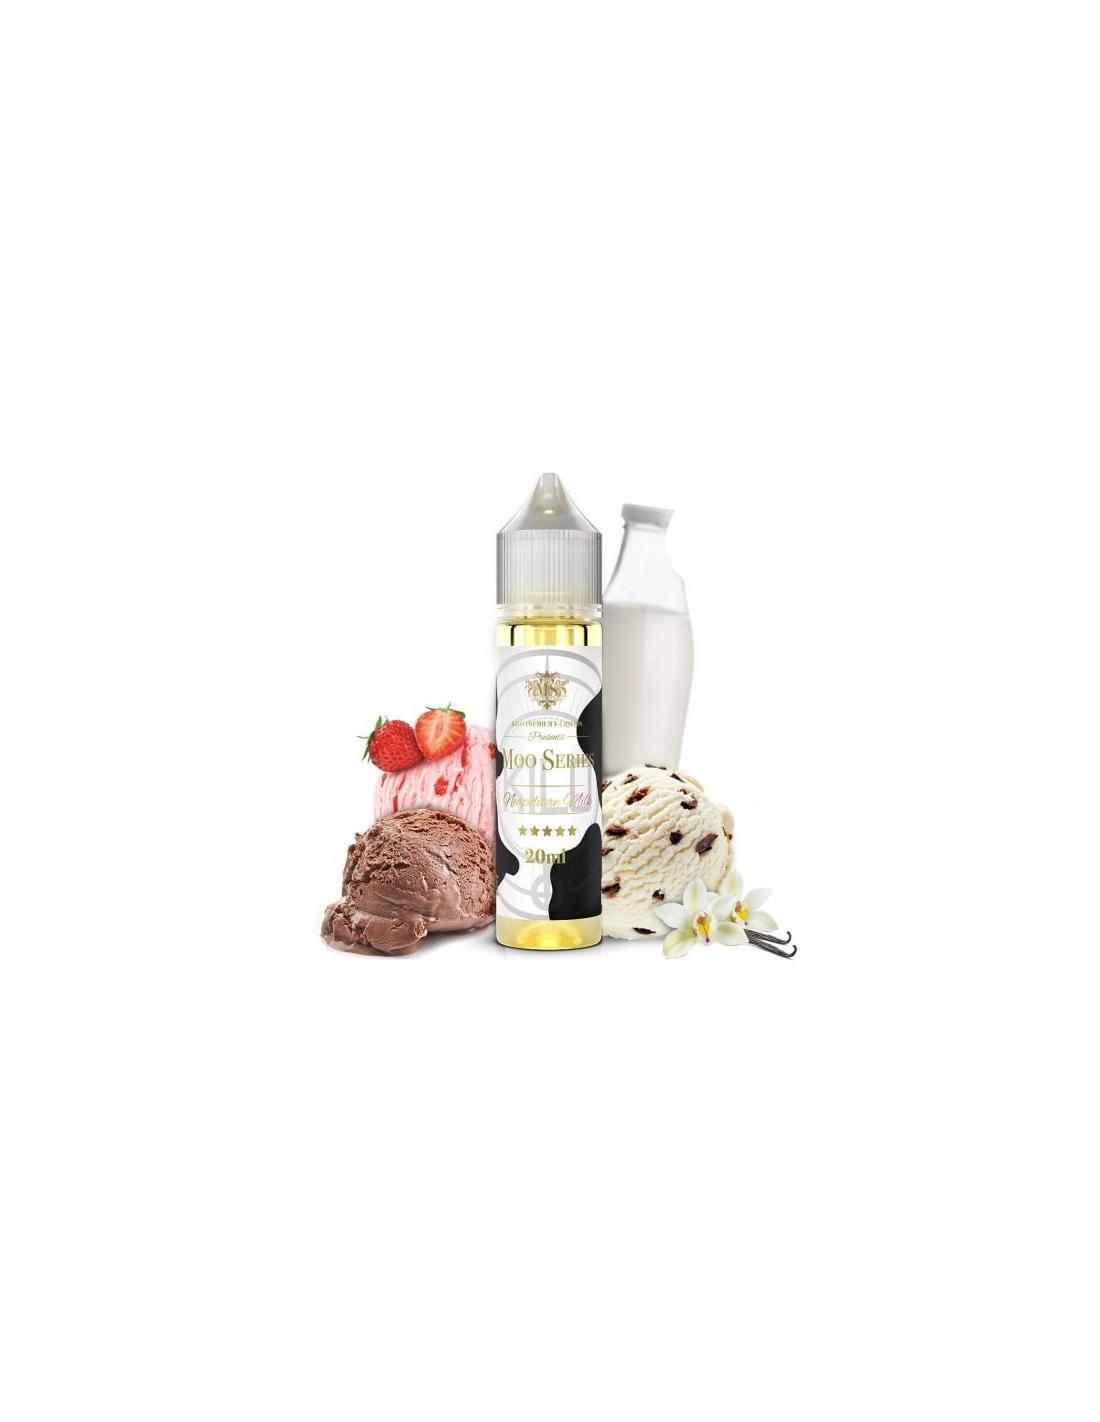 Kilo Napolitan Milk Liquido 20ml Aroma Milkshake Cioccolato Vaniglia Fragola